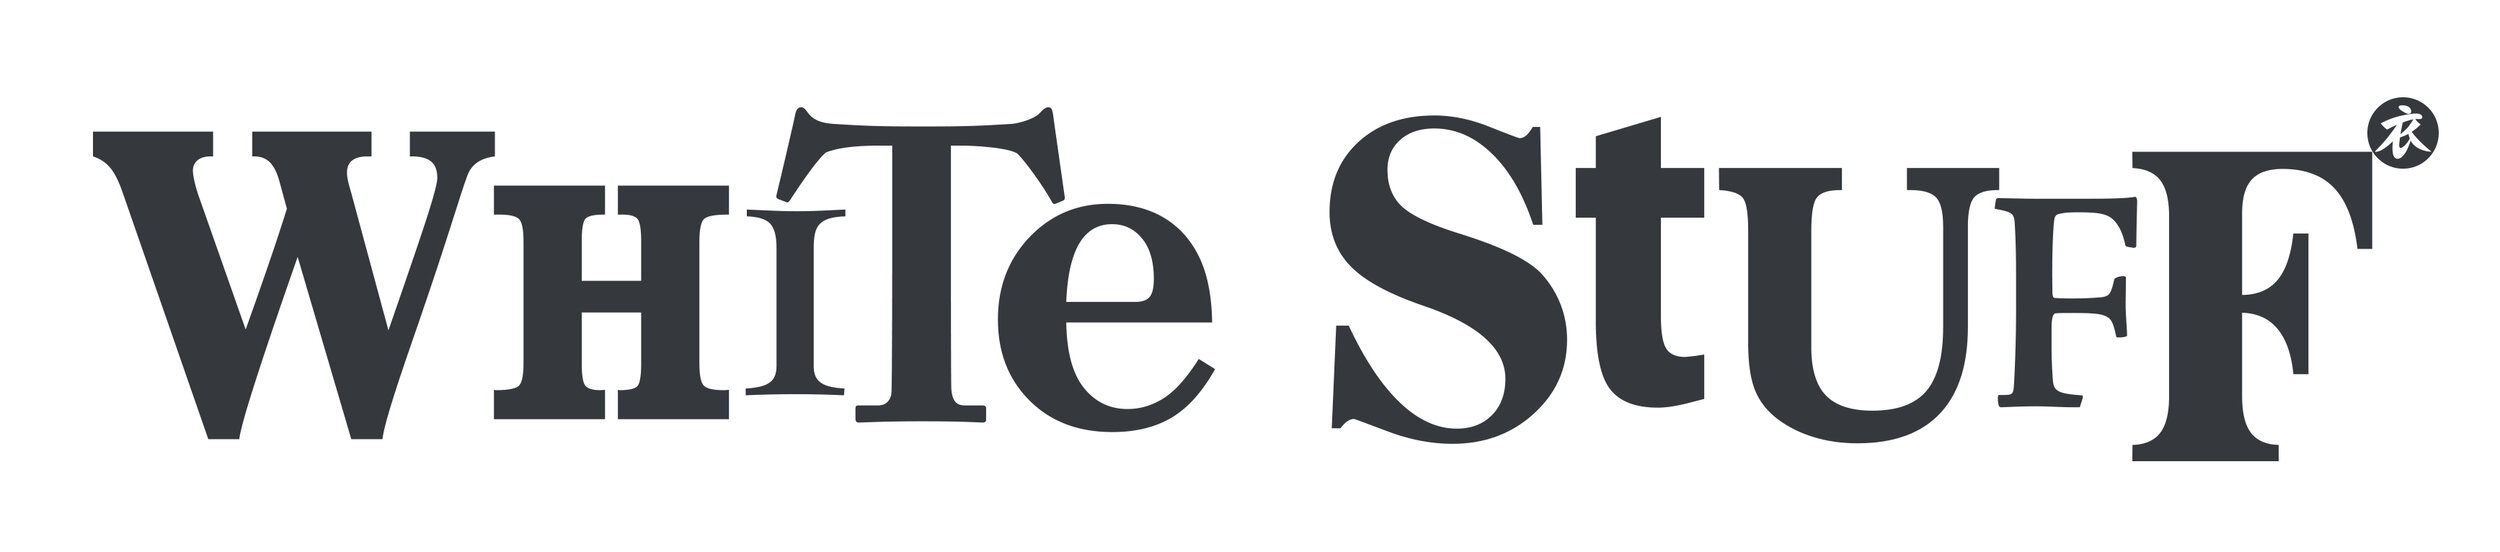 whitestuff-logo.jpg